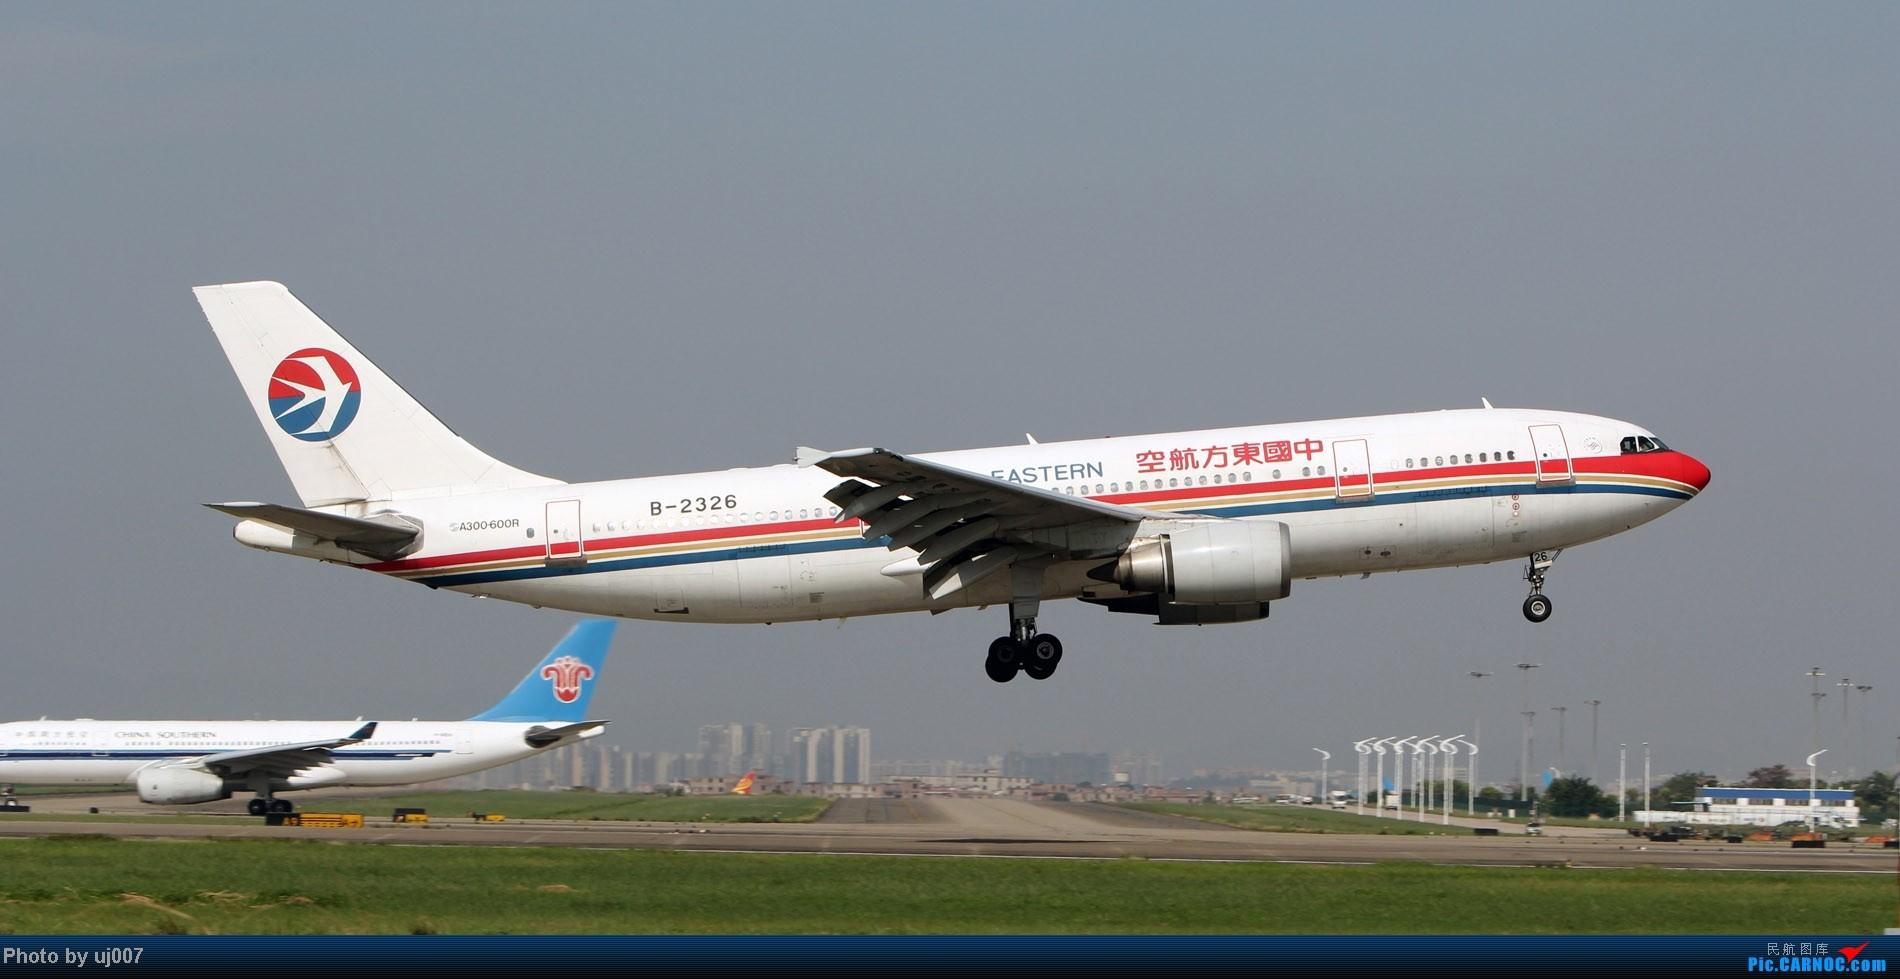 Re:[原创]10月2日白云拍机(大飞机,特别妆,外航,闪灯,擦烟)求指点. AIRBUS A300-B4-600 B-2326 广州白云国际机场